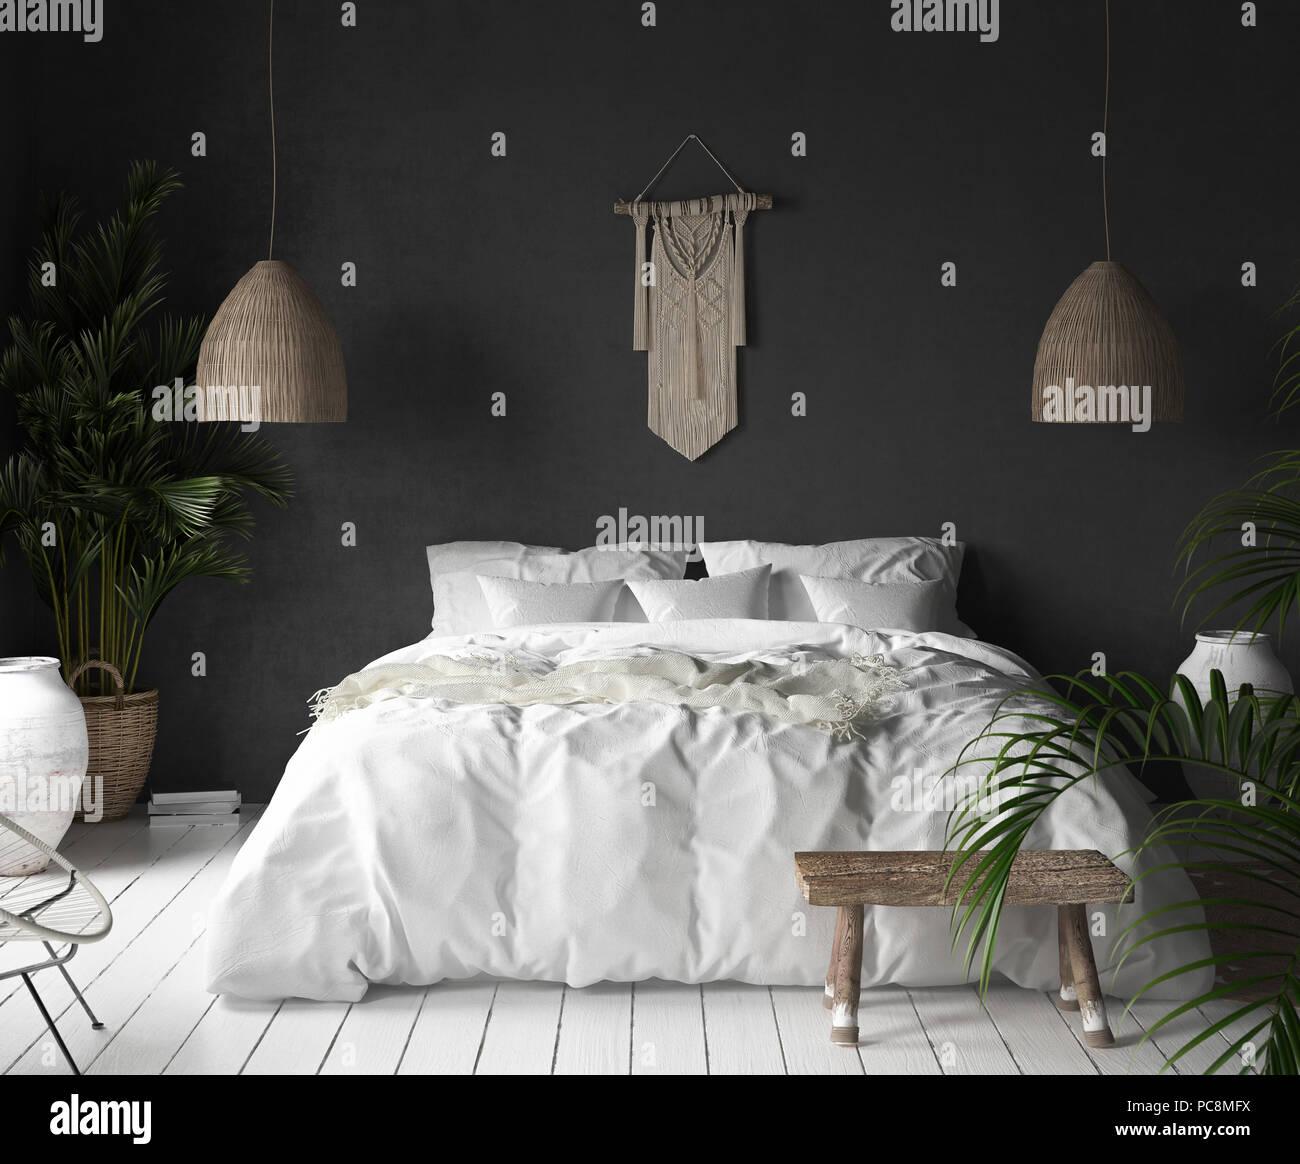 Intérieur Avec Chambre à Couchermur Noir Et Blanc Décoration De